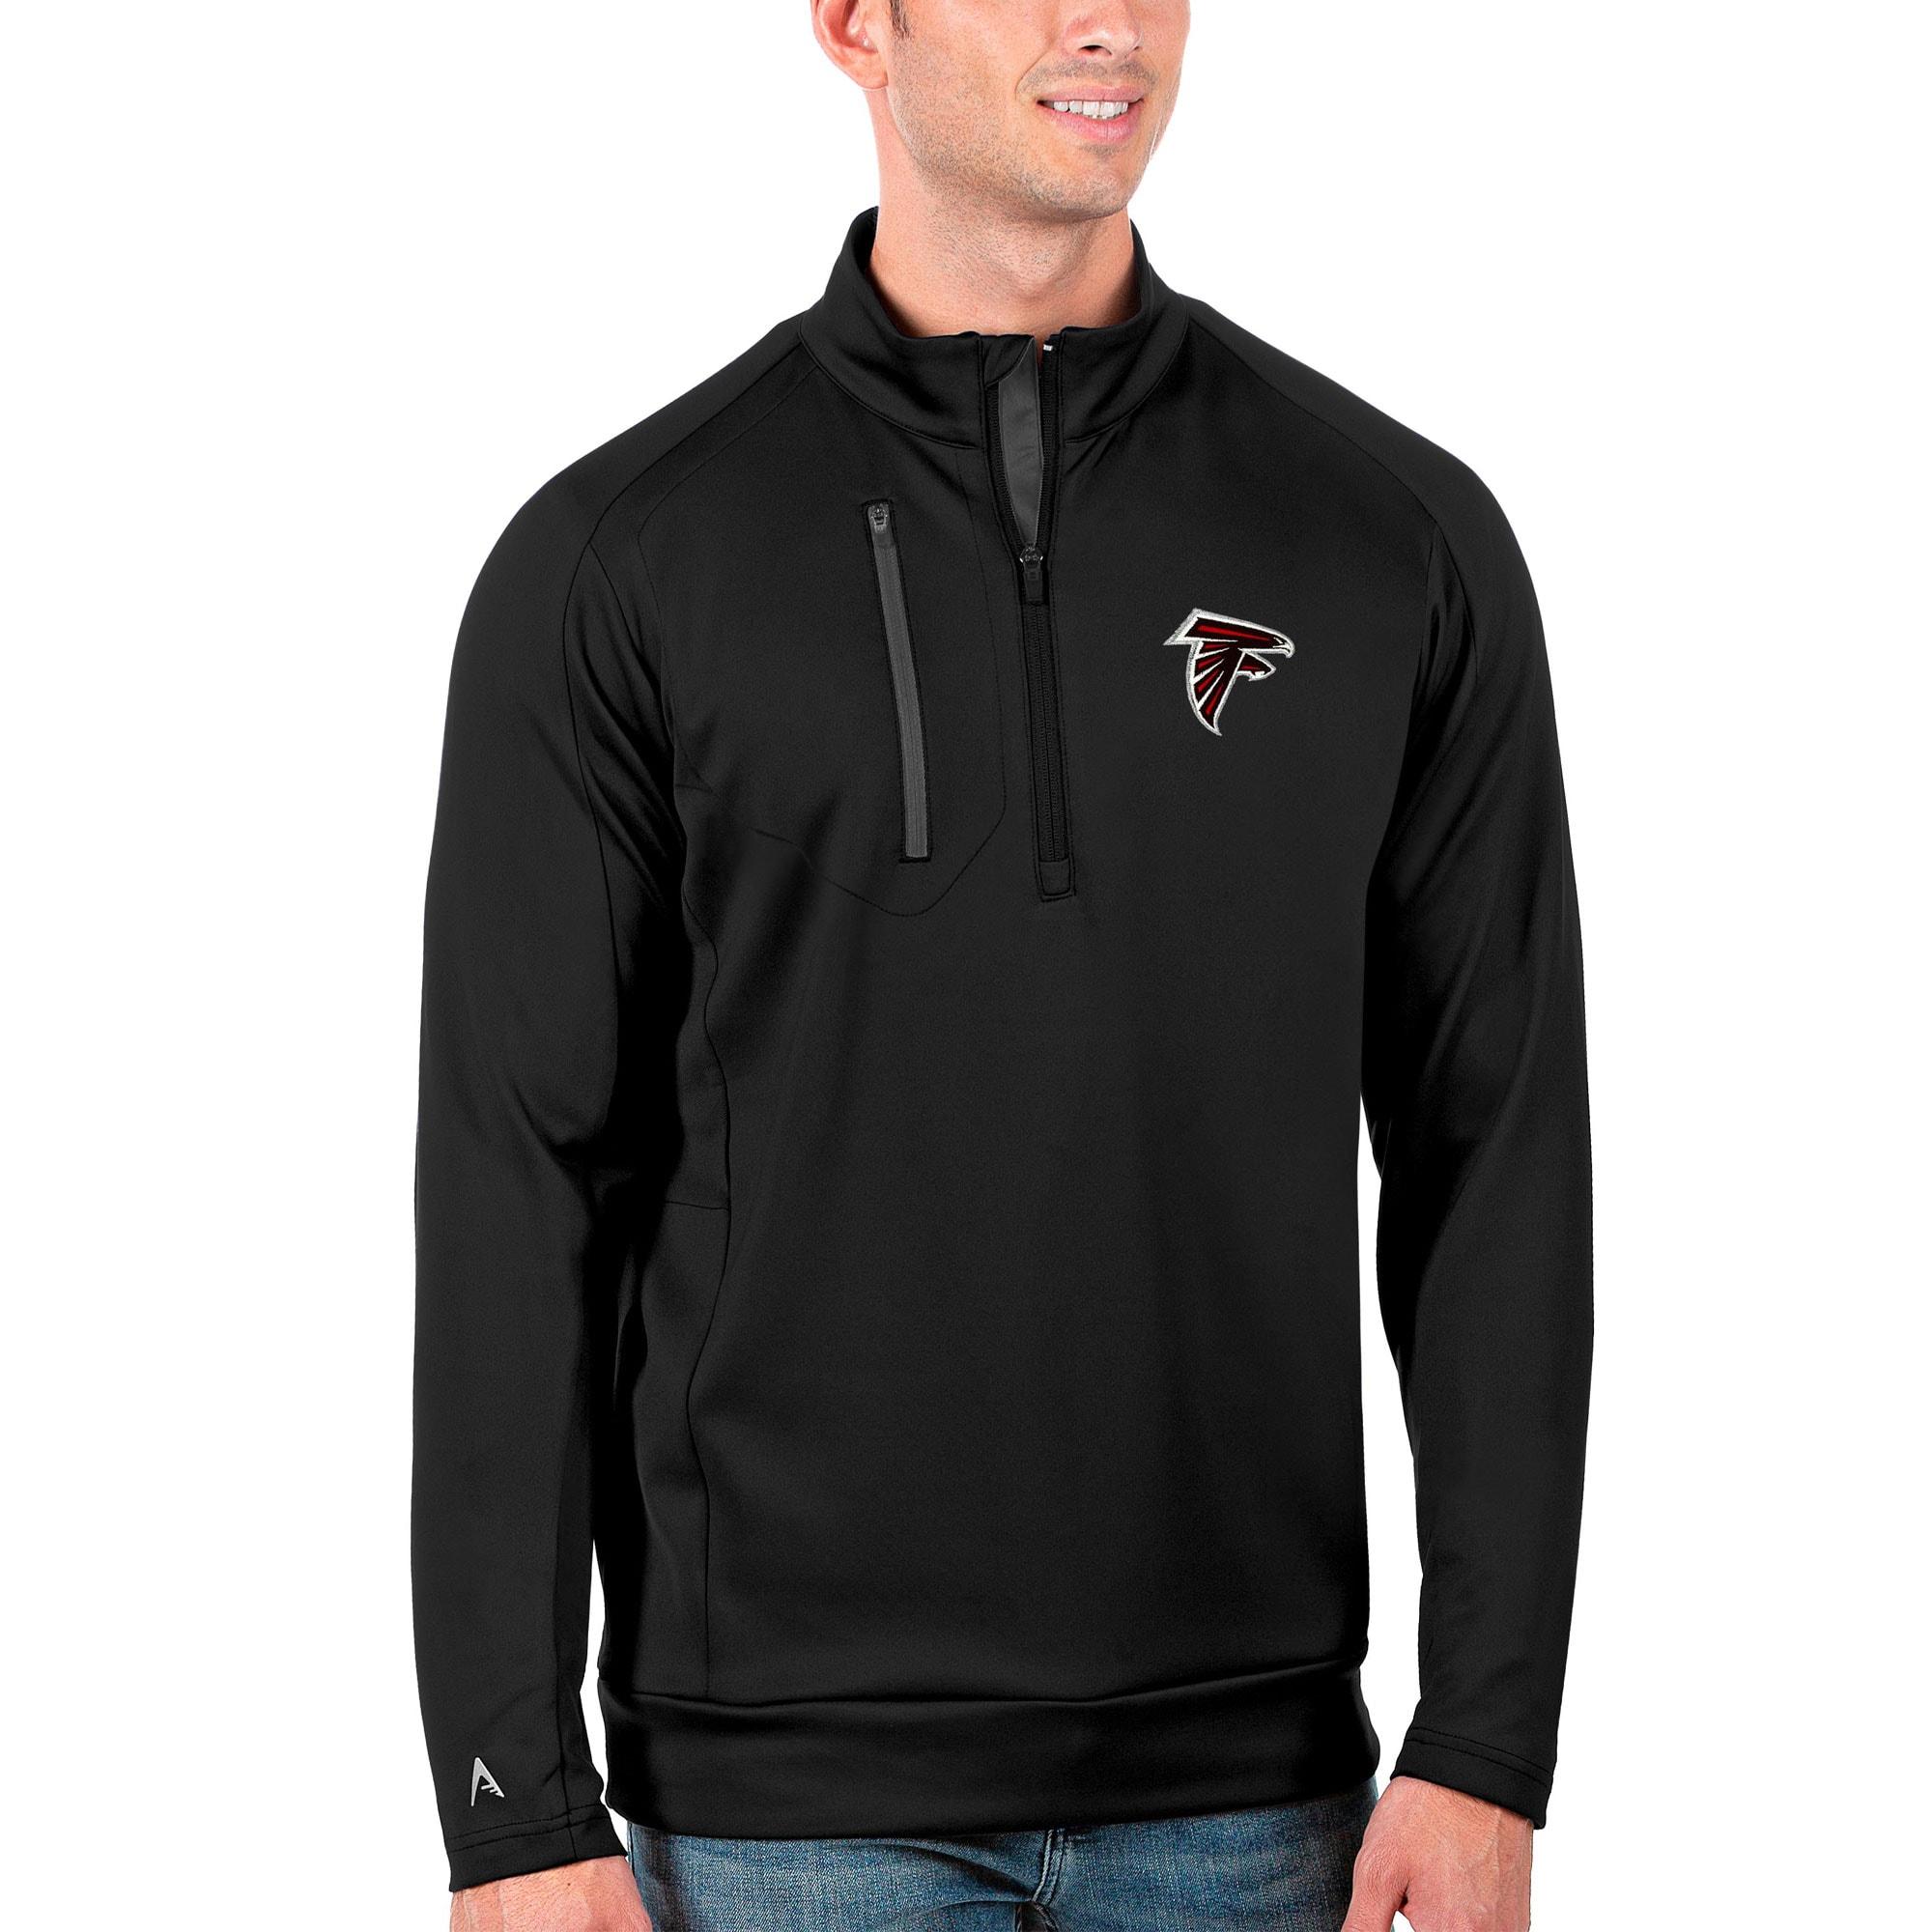 Atlanta Falcons Antigua Generation Quarter-Zip Pullover Jacket - Black/Charcoal